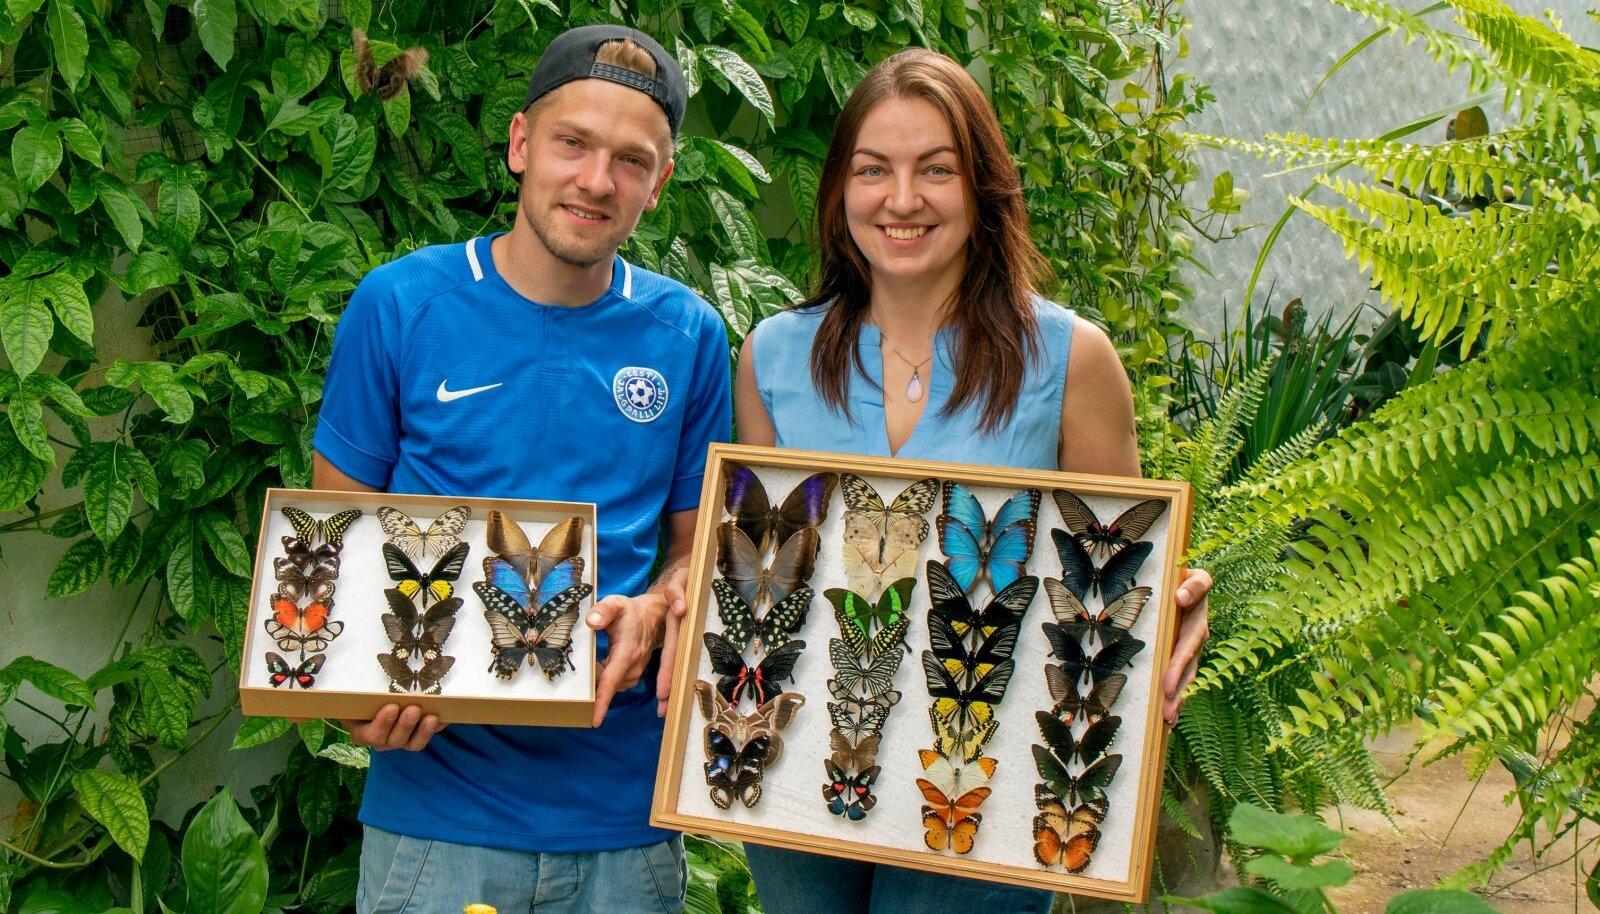 Kärt ja Oliver näitavad liblikaid, kes on olnud nende hoolealused.